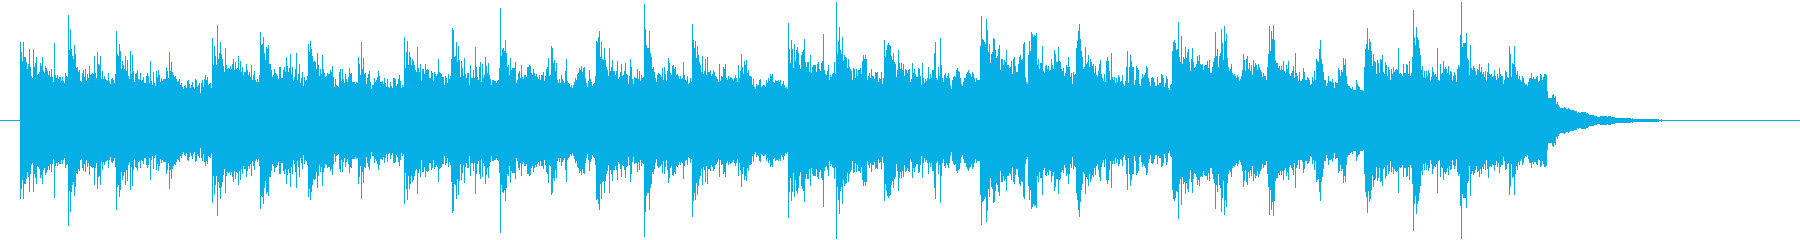 バグパイプのきらきら星<スコットランド>の再生済みの波形